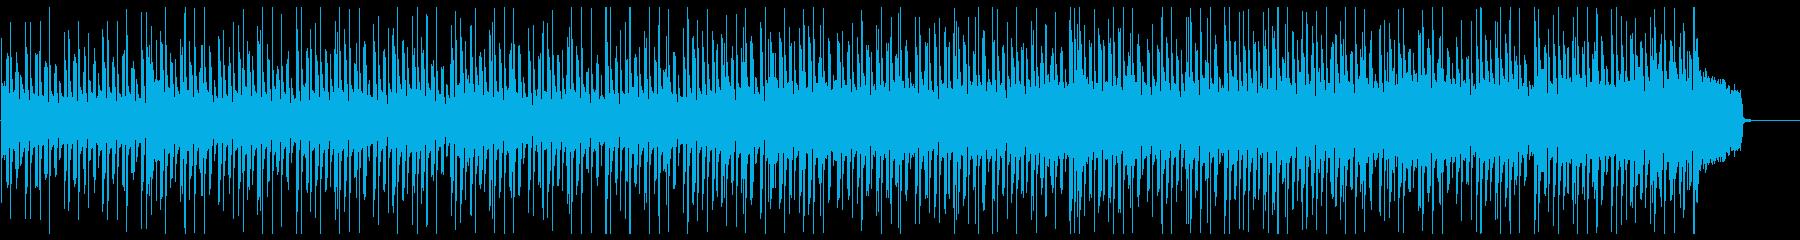 ほのぼのしたマーチ/木琴/鍵盤ハーモニカの再生済みの波形